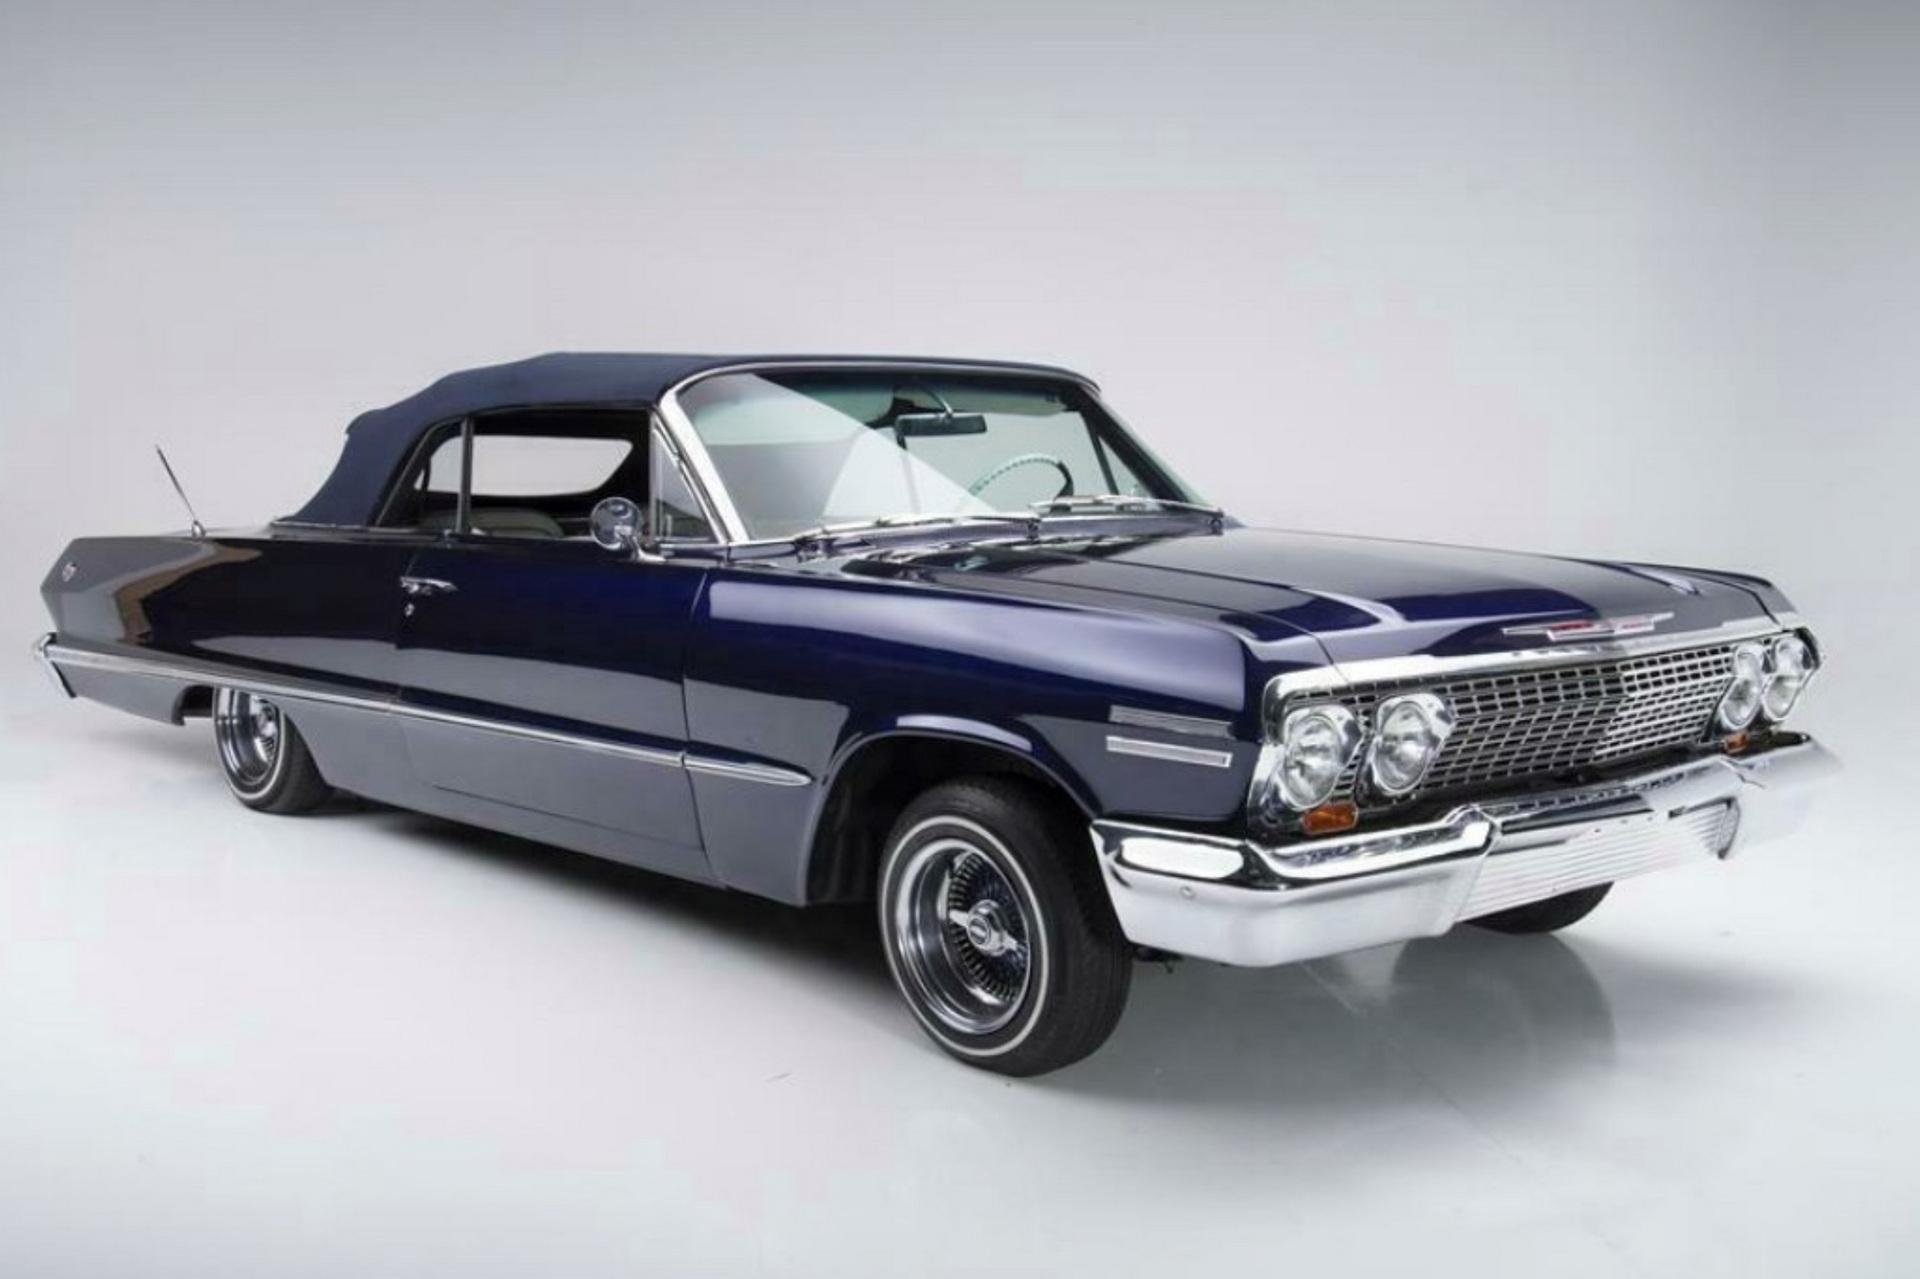 Найти на вторичном рынке заниженный «в асфальт» Chevrolet Impala довольно легко – типичный вариант показан на видео. Но «Импала» знаменитого баскетболиста Коби Брайанта – совсем другой автомобиль.